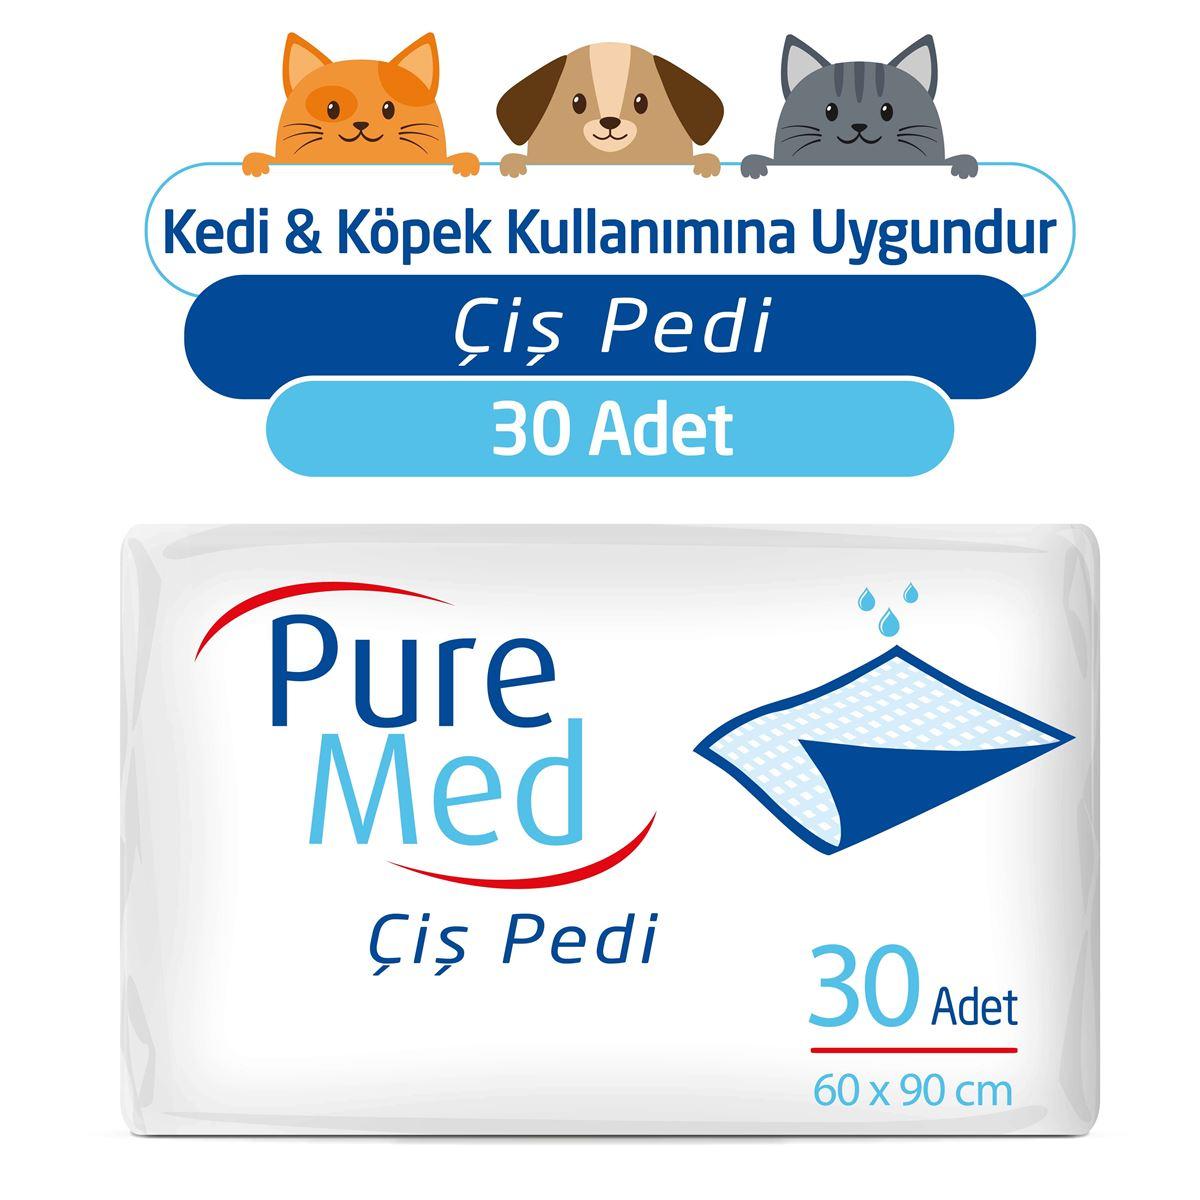 Puremed 60x90 cm Kedi Köpek Çiş Pedi 30 Adet